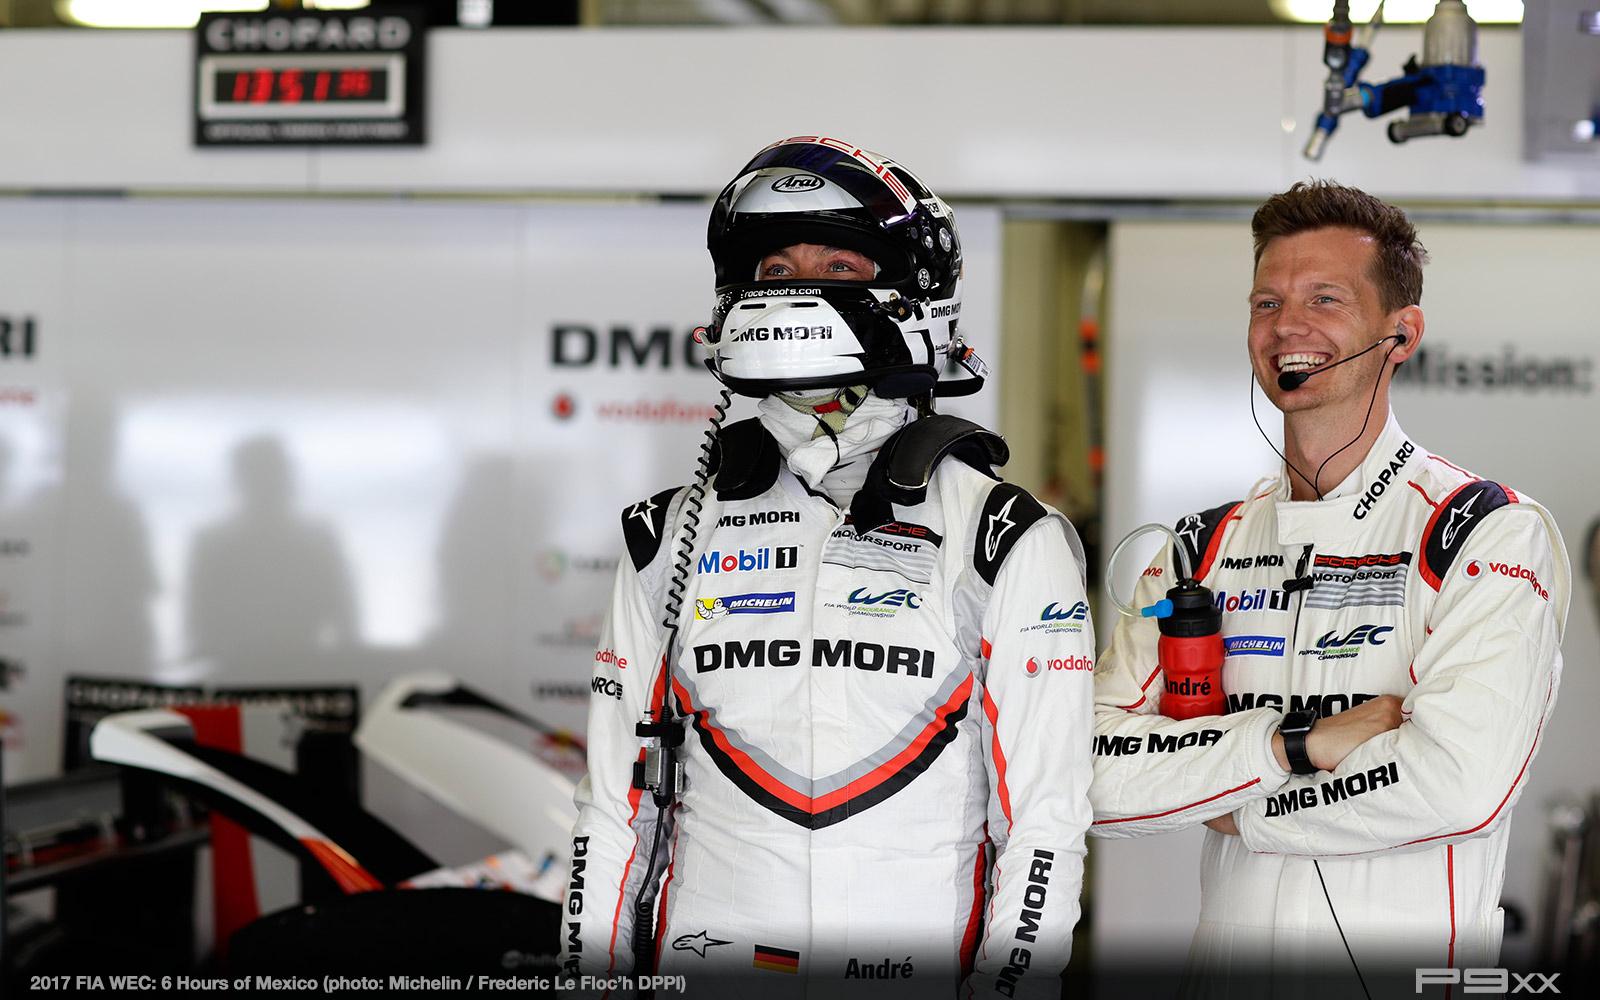 2017-FIA-WEC-6-HOURS-MEXICO-PORSCHE-exico_FLF_02117008_530811272